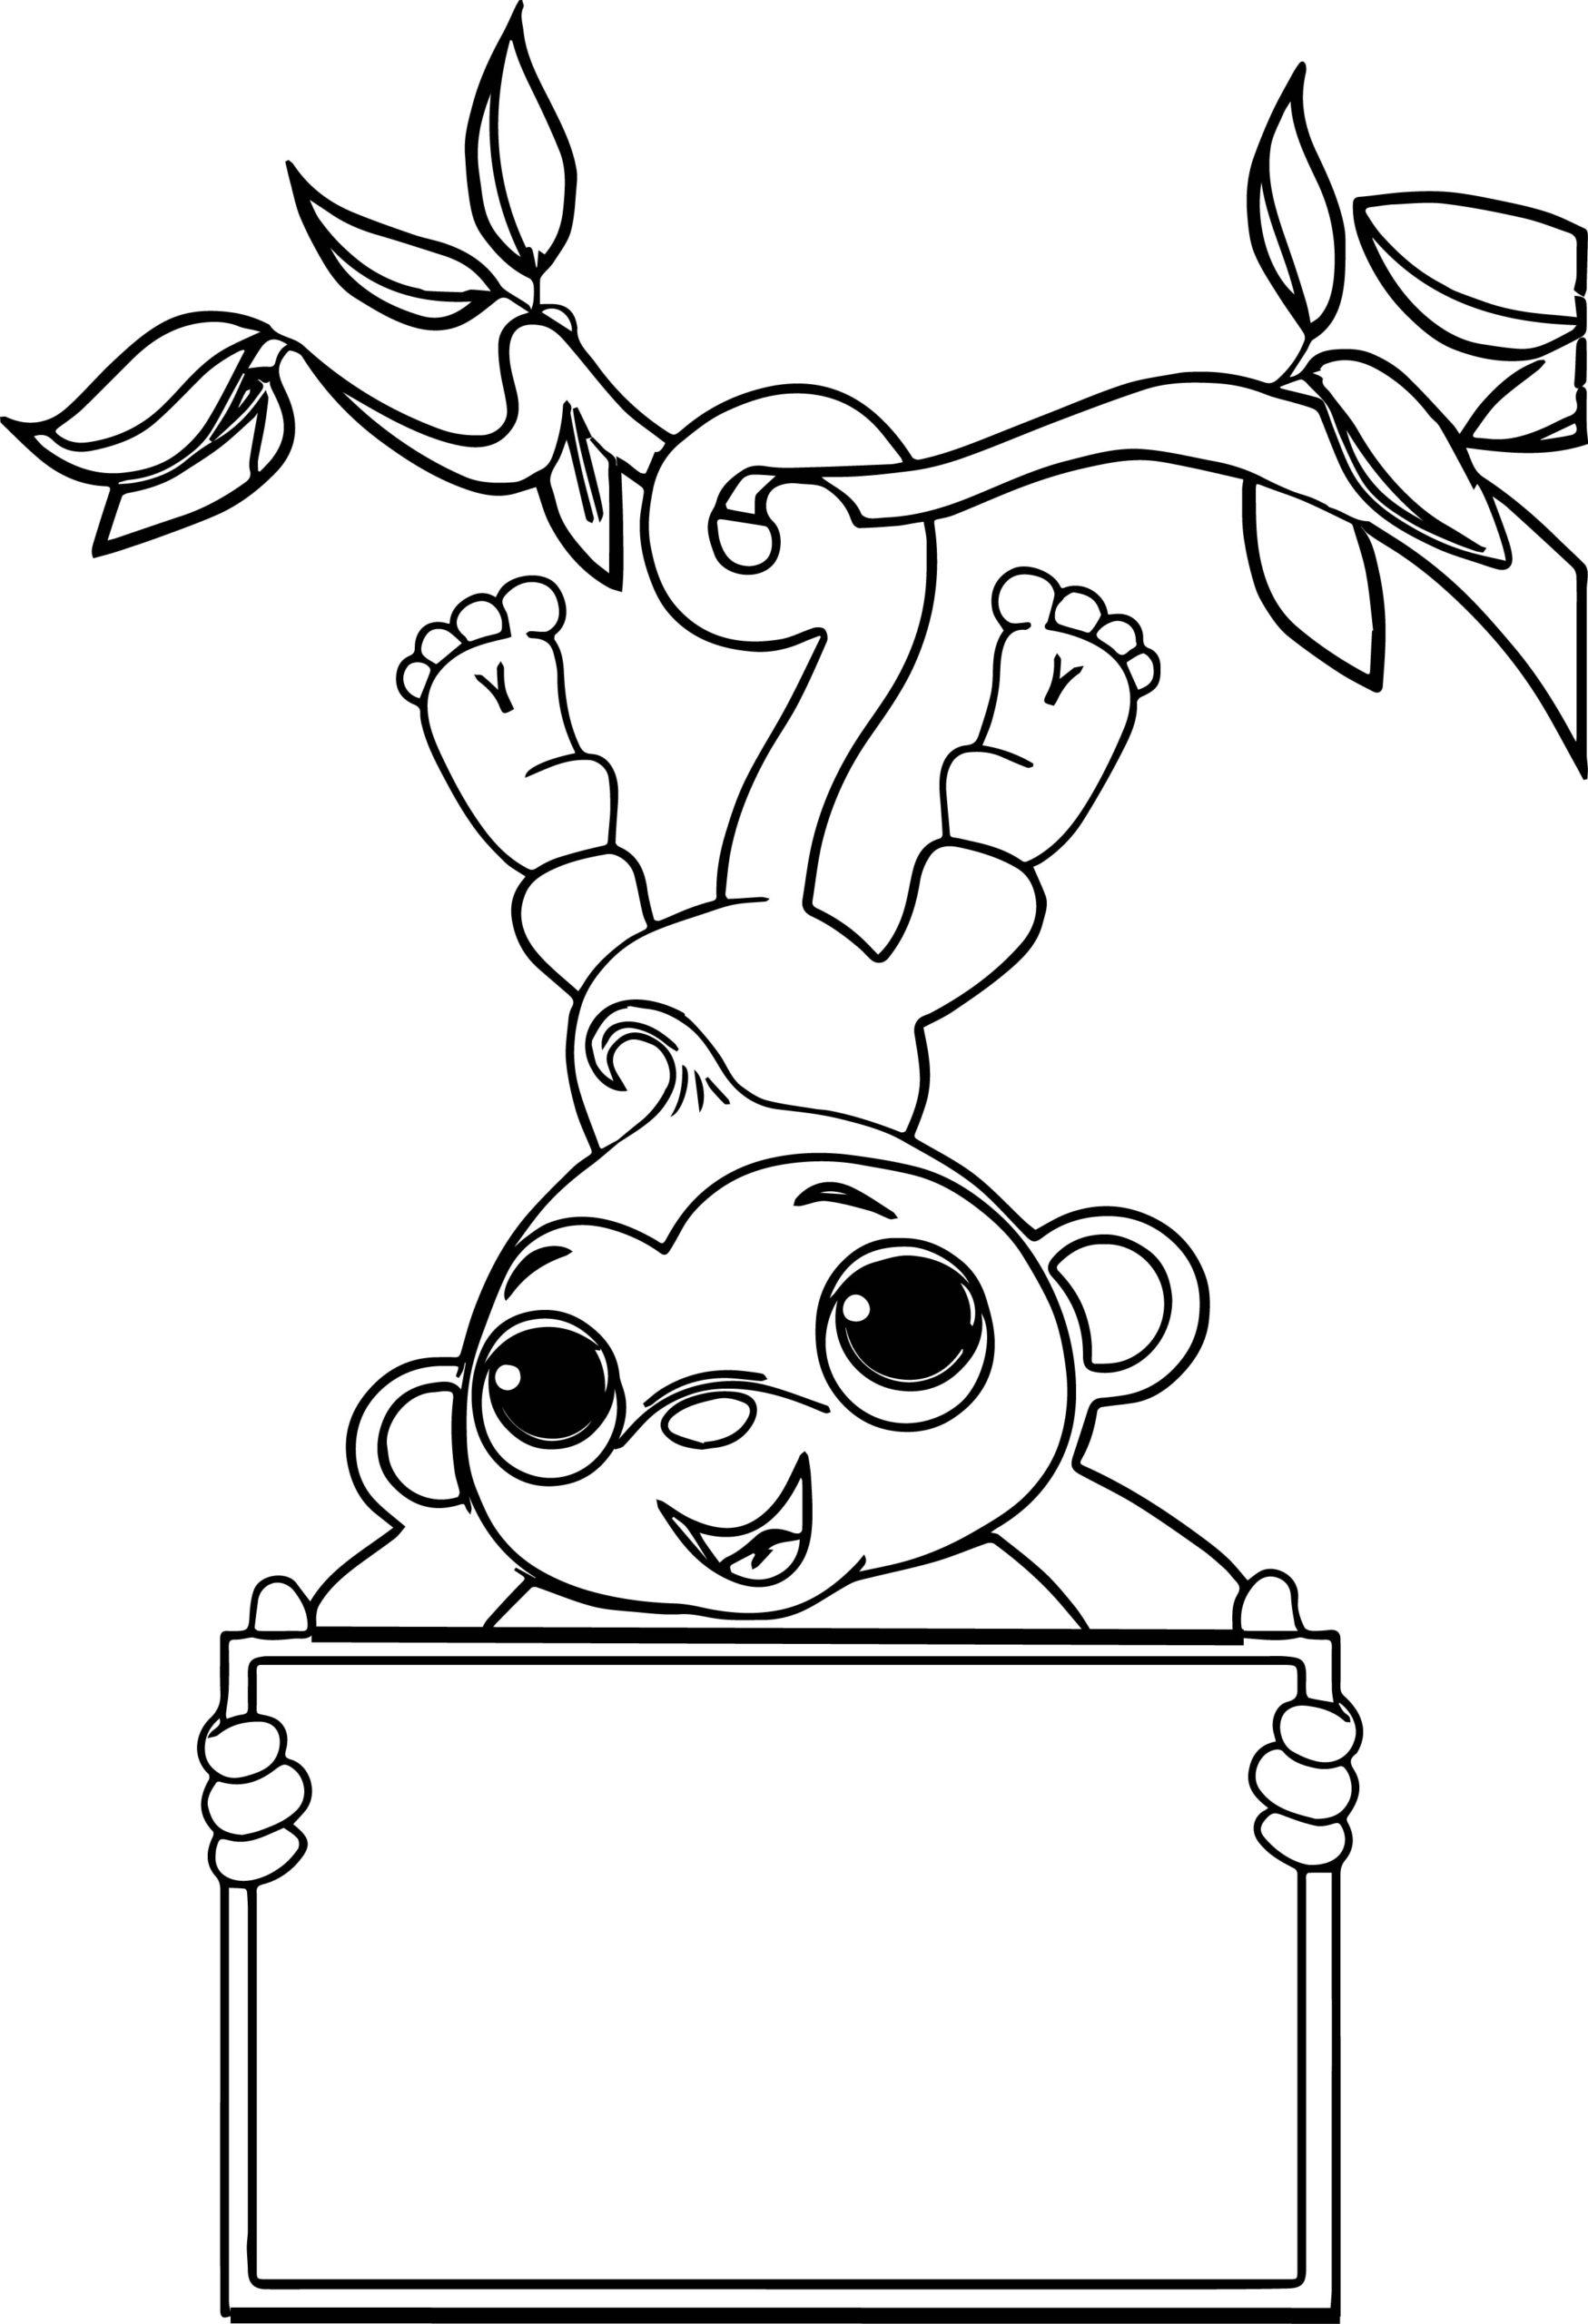 Tranh tô màu con khỉ đu cành cây